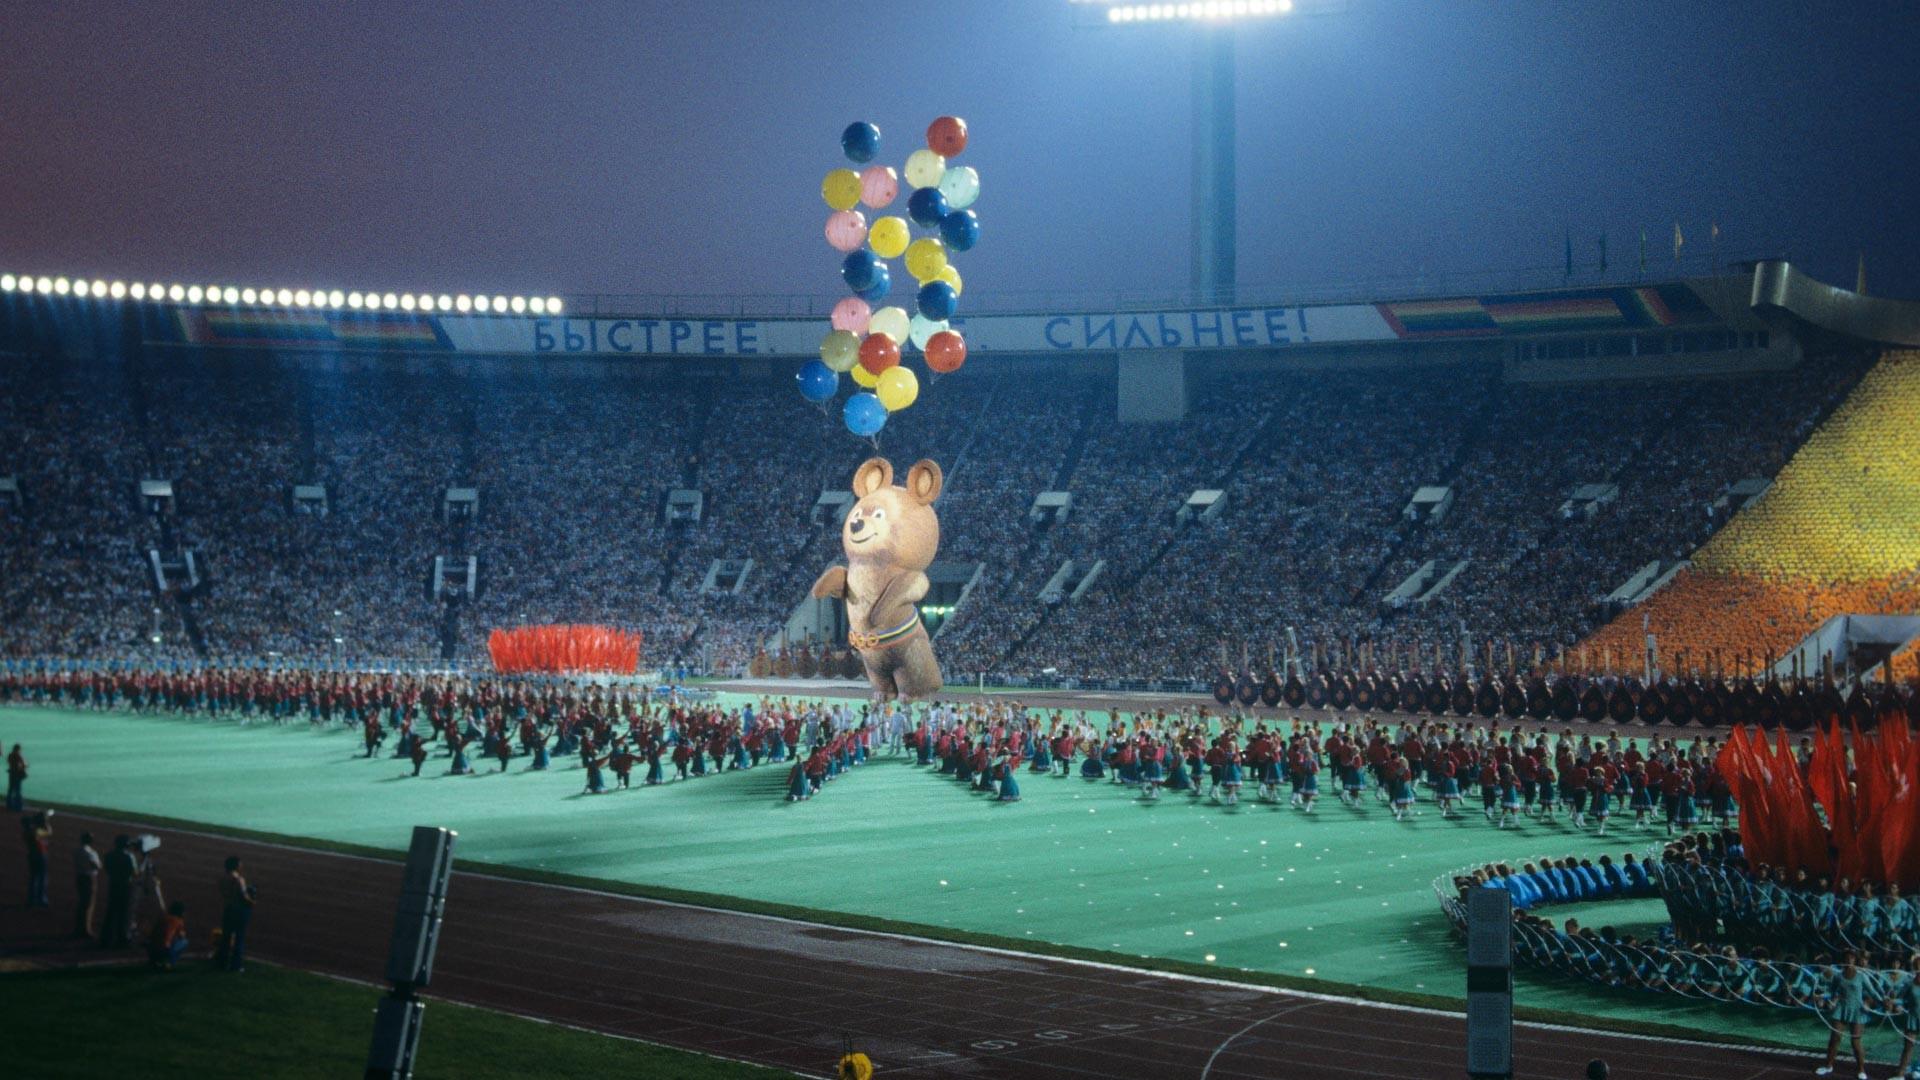 Abschlussfeier der XXII. Olympischen Sommerspiele in Moskau.